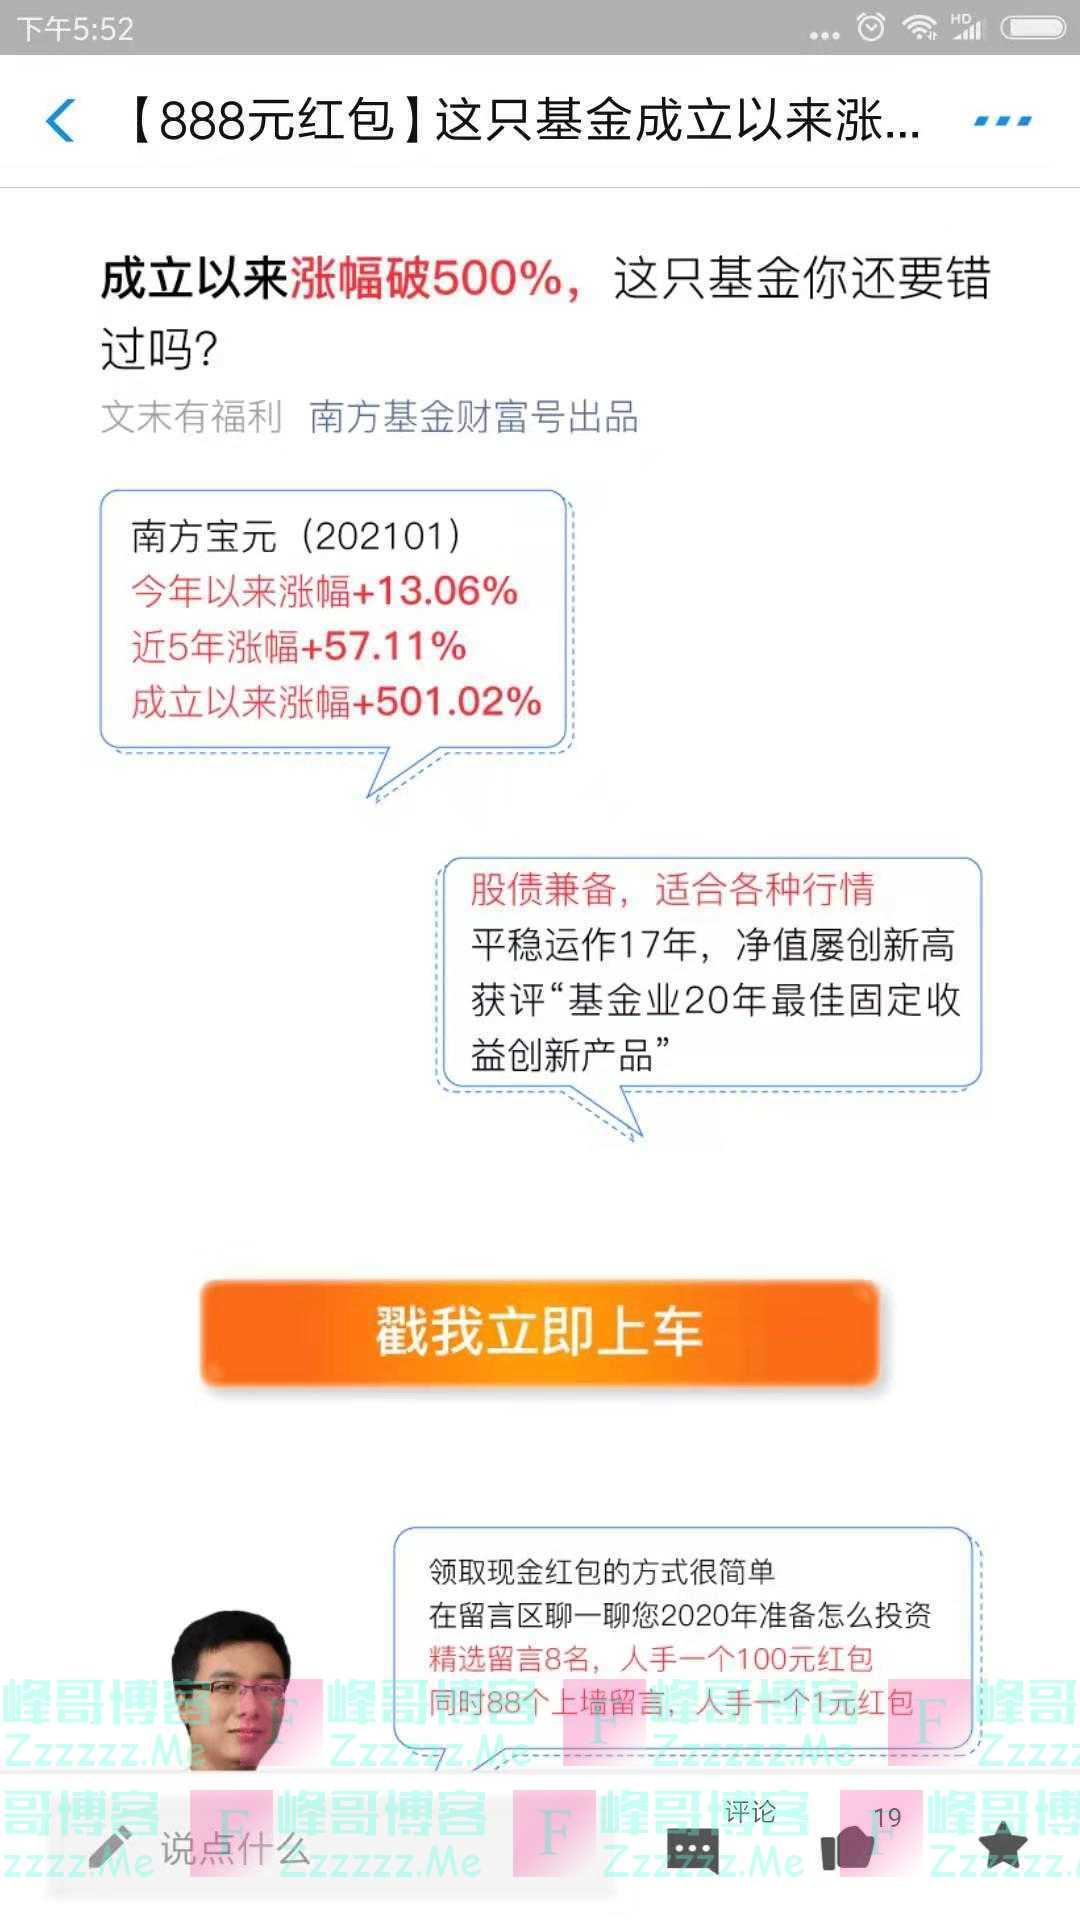 南方基金888元红包(截止不详)